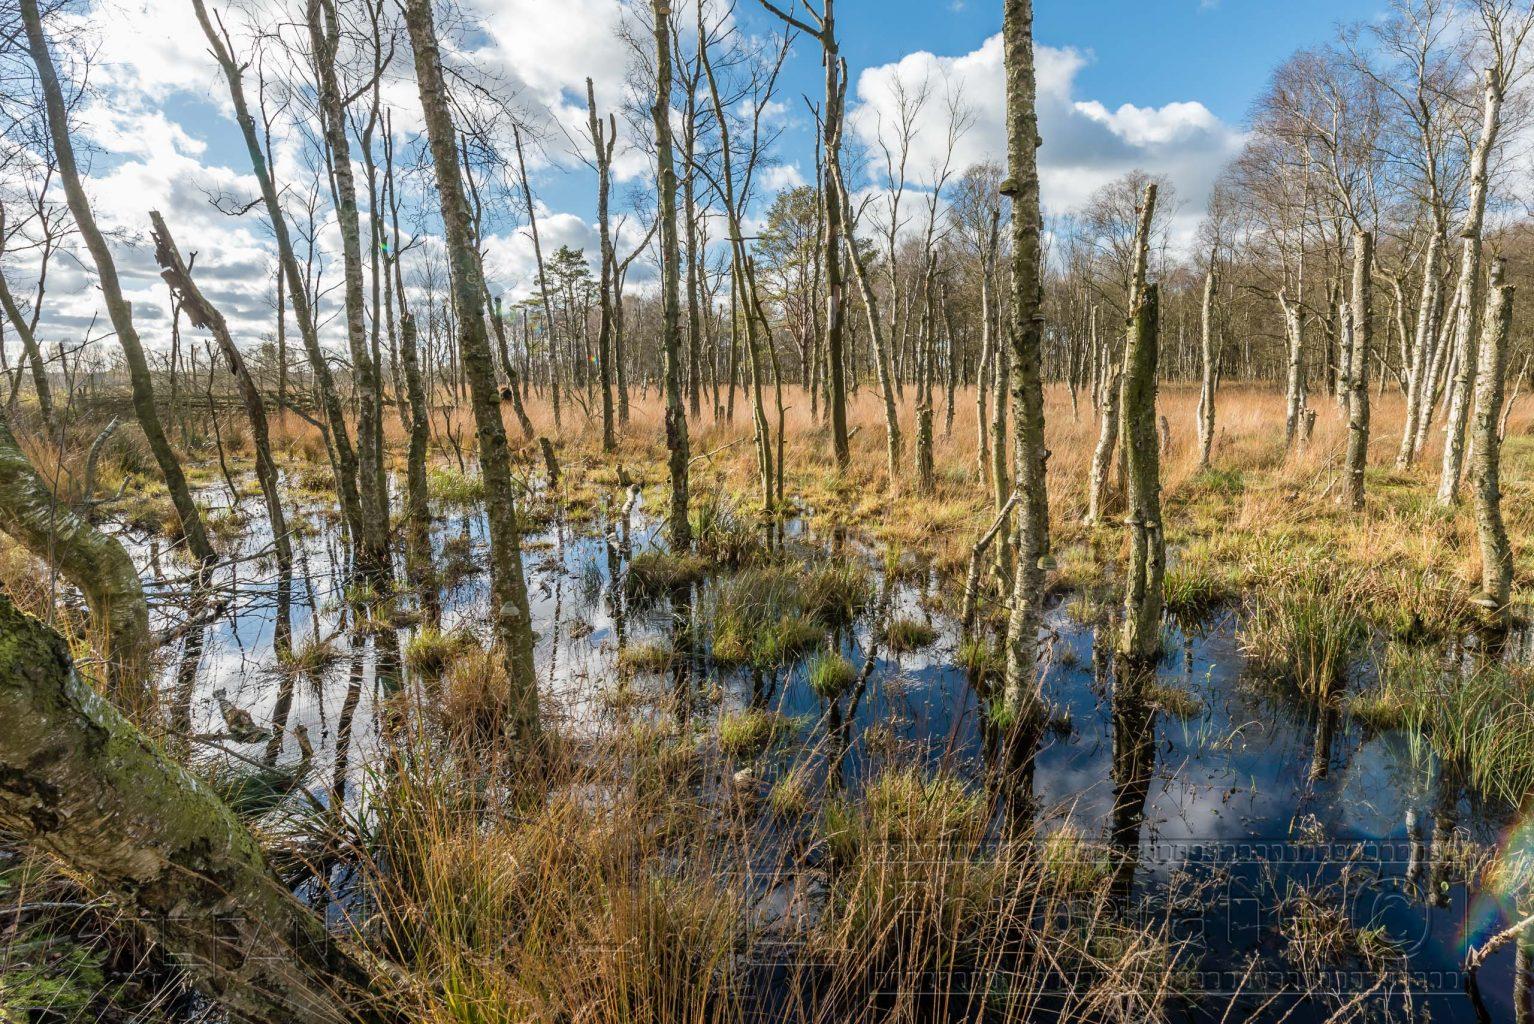 Fotowanderung im Naturschutzgebiet Dosenmoor in Schleswig Holstein.